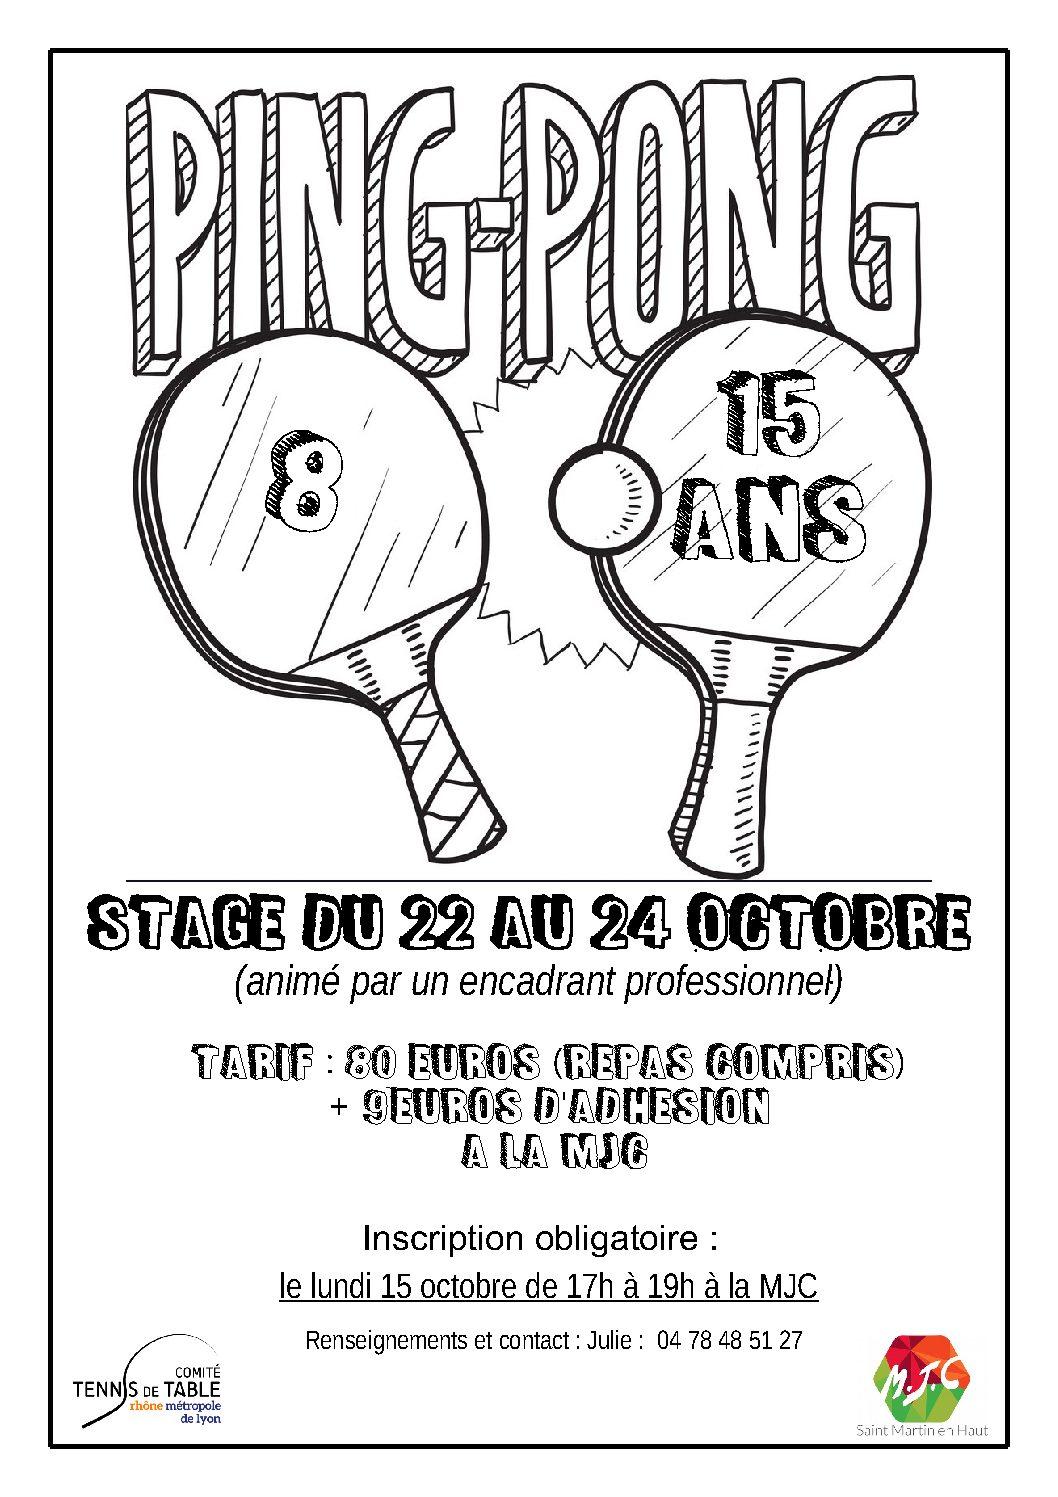 22 au 24 octobre : stage 8-15 ans à la MJC de St Martin en Haut